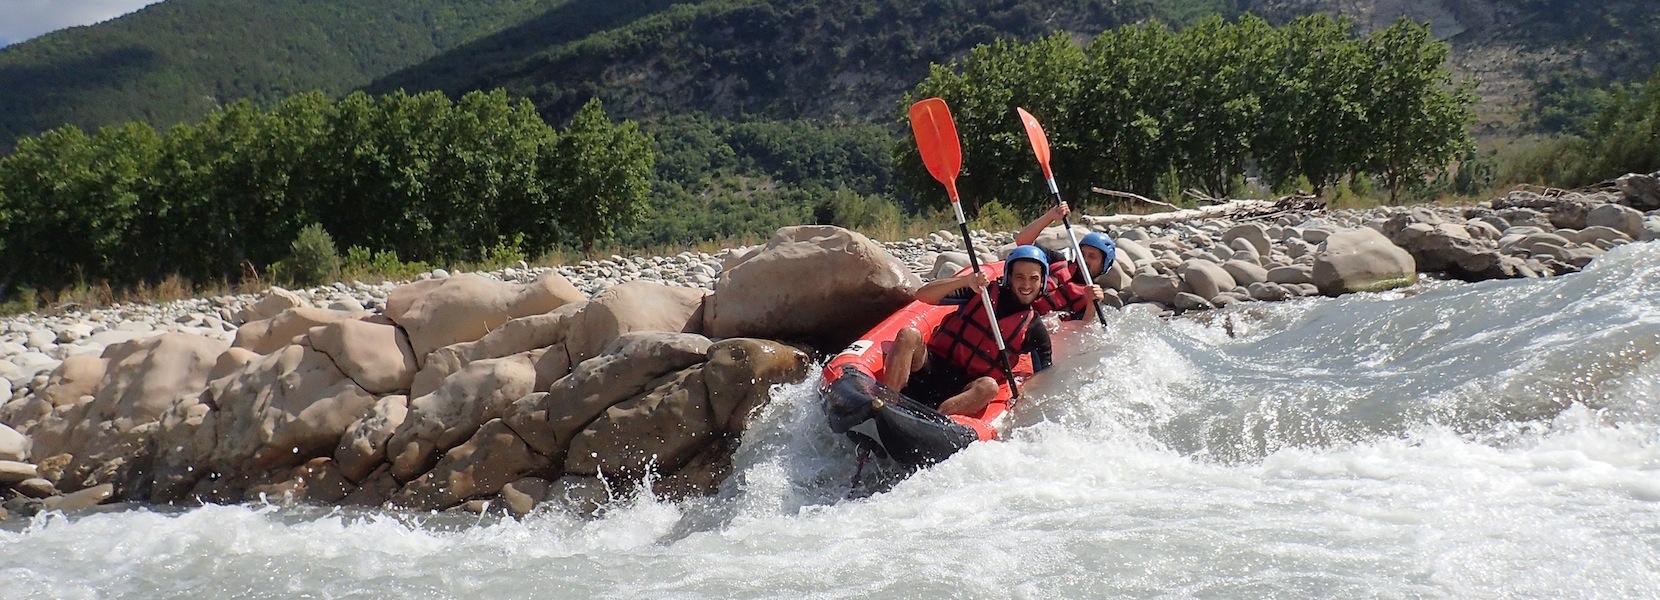 Descente en kayak du Var, de la Vésubie, ou du Verdon. Parcours sportif en kayak.